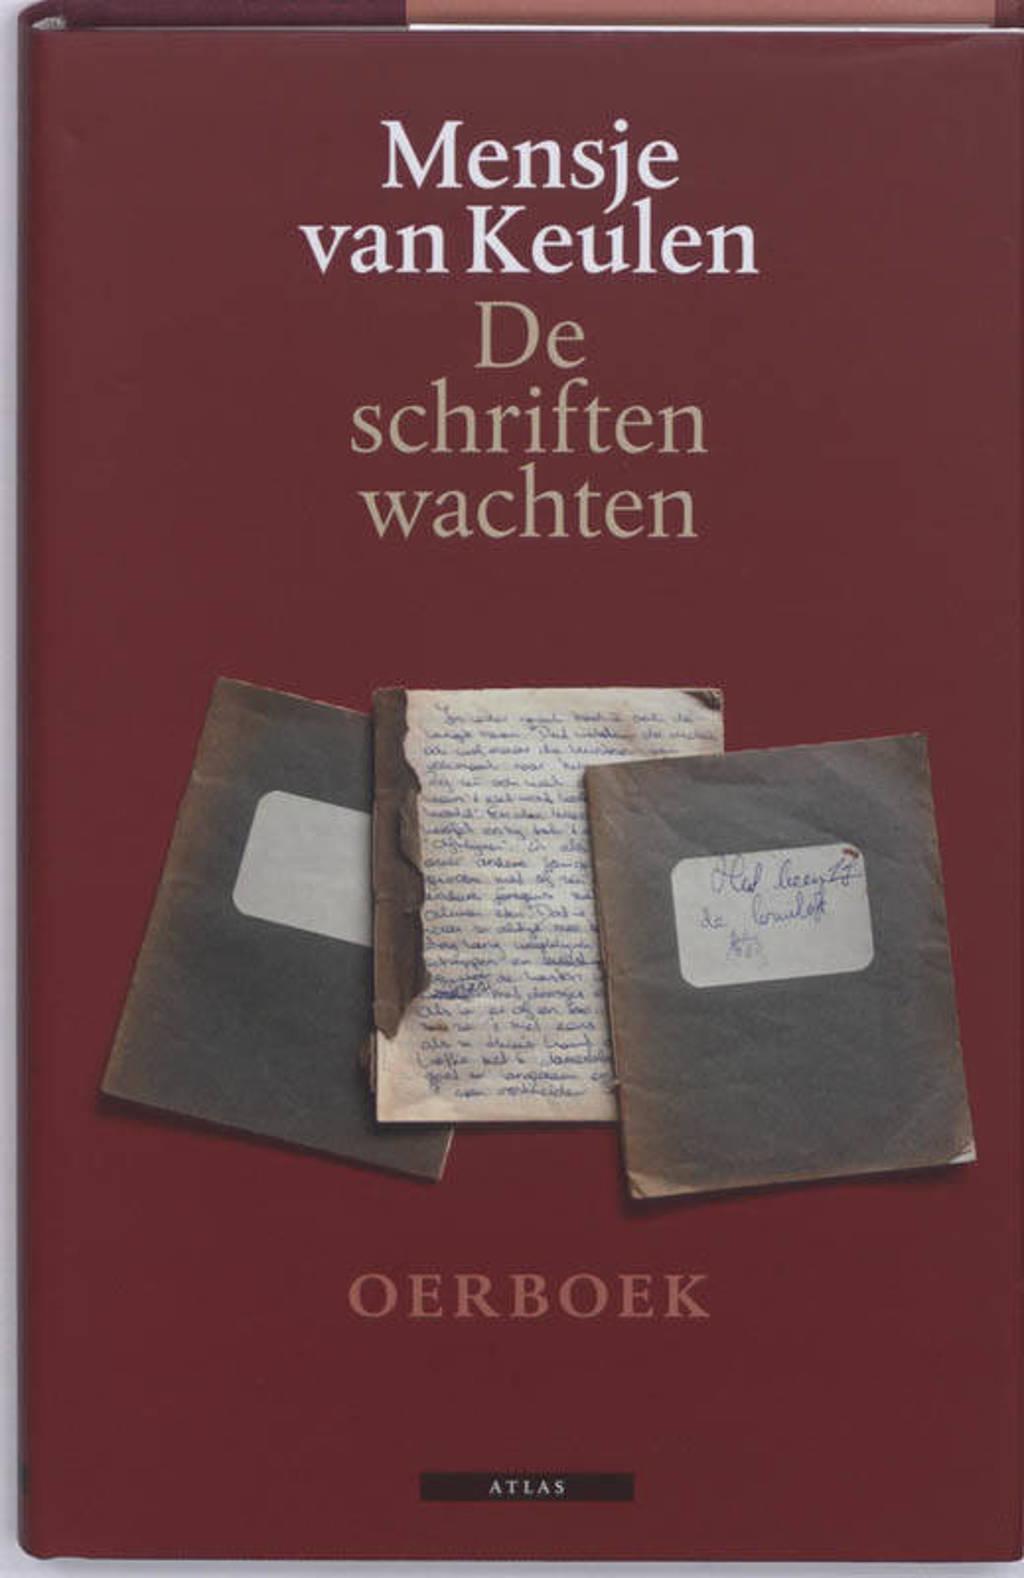 De schriften wachten - Mensje van Keulen